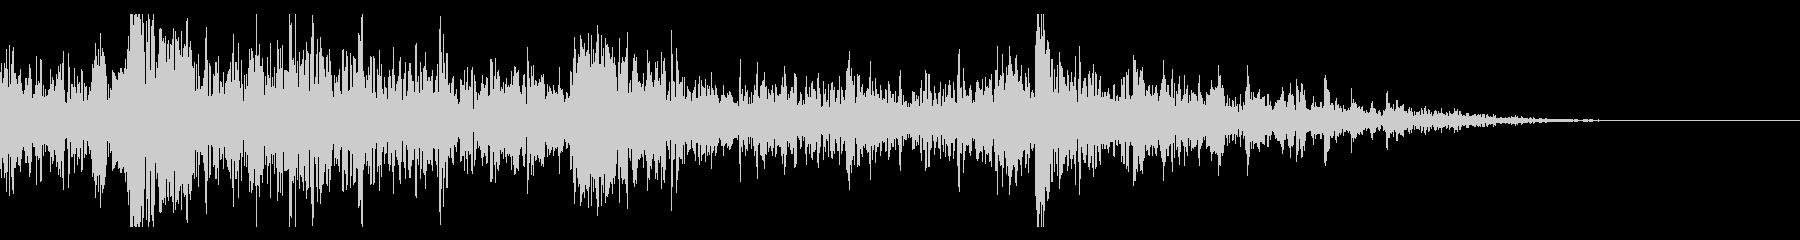 ドンパァ!花火の本当にリアルな効果音13の未再生の波形